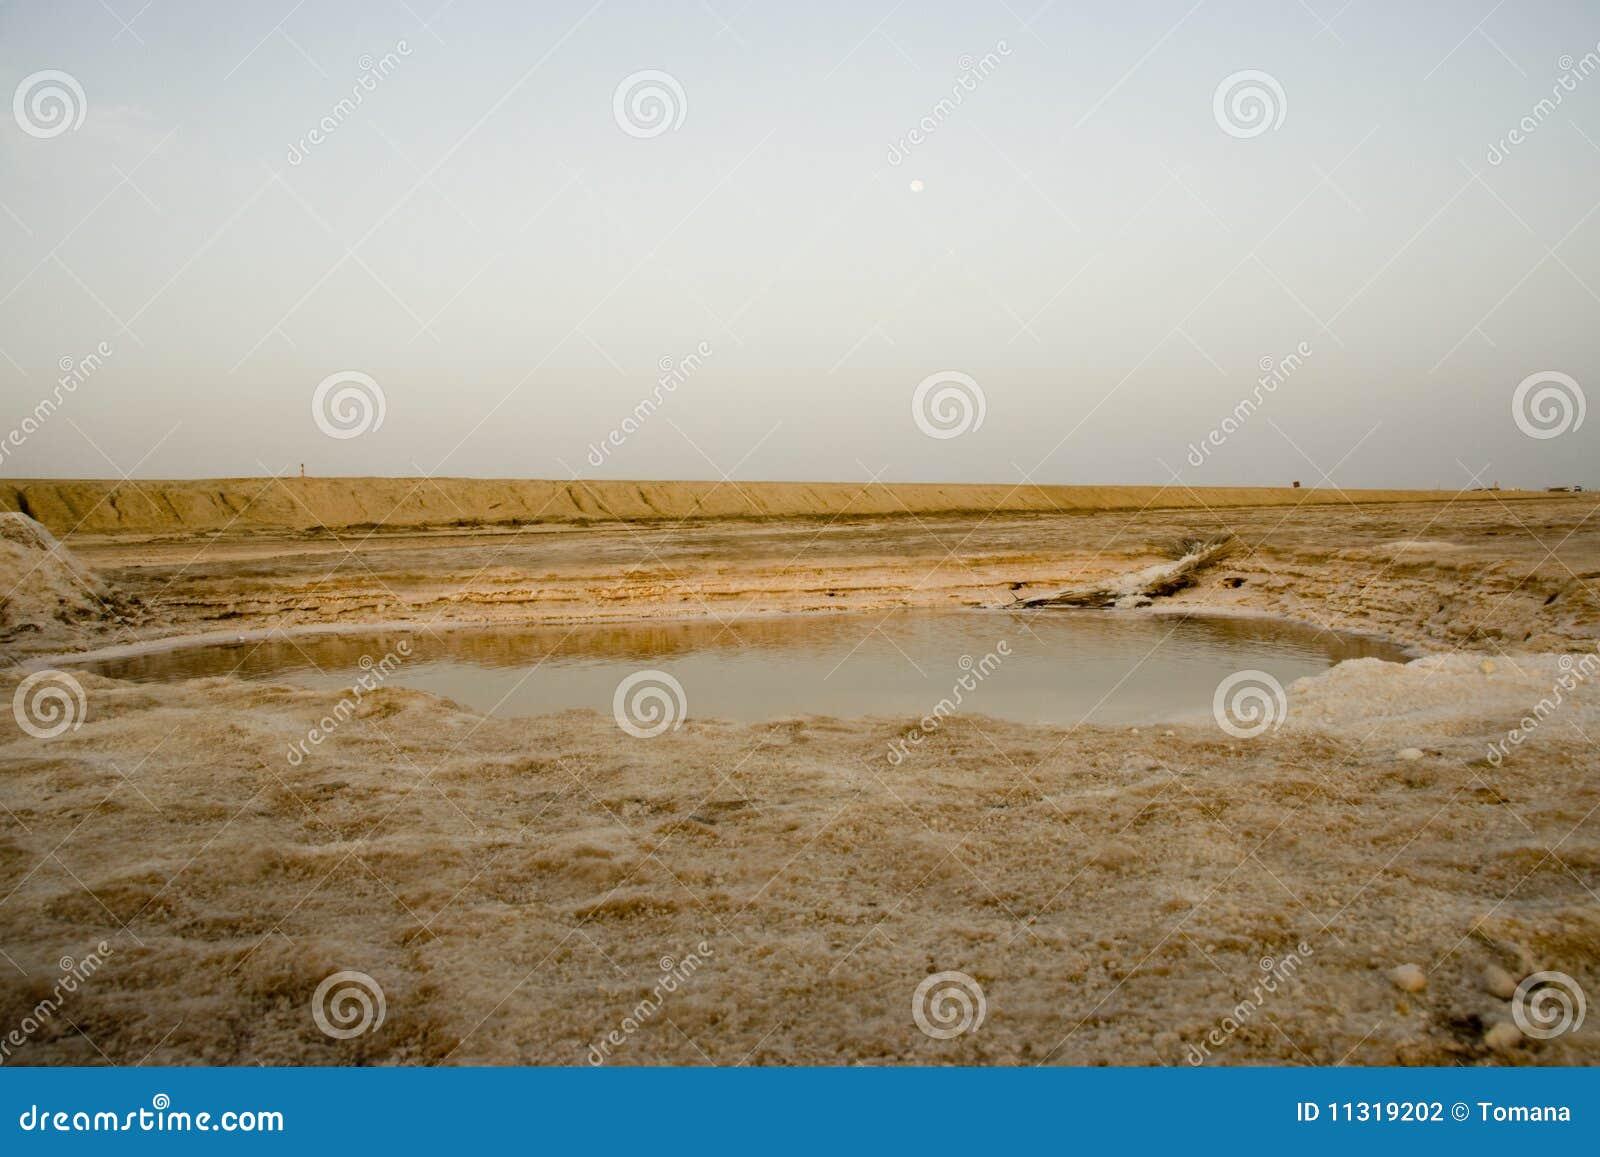 Weißer Salzsee in der Wüste